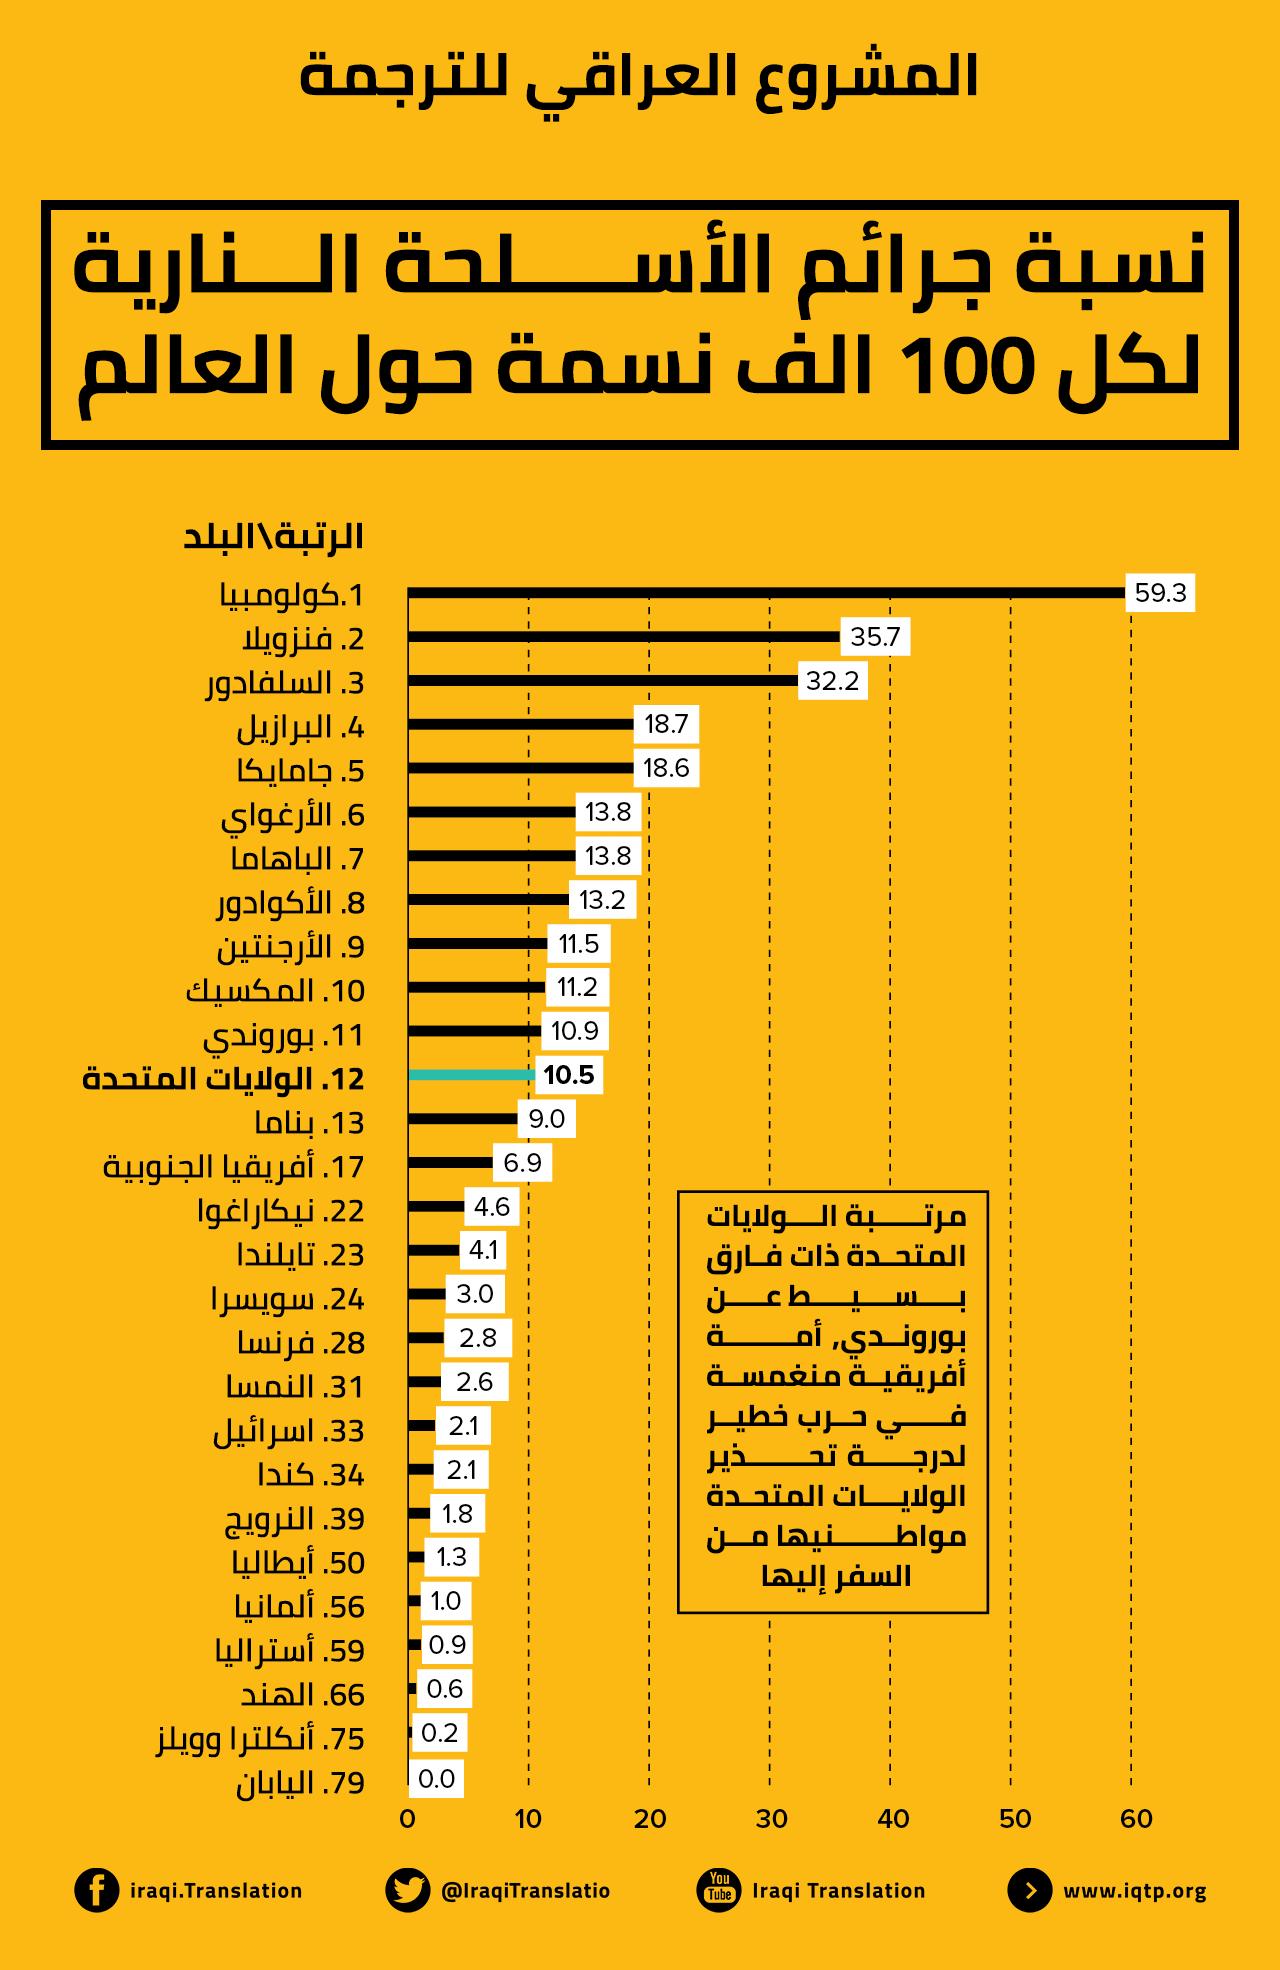 إنفوغراف - نسبة جرائم الأسلحة النارية لكل ١٠٠ ألف نسمة حول العالم